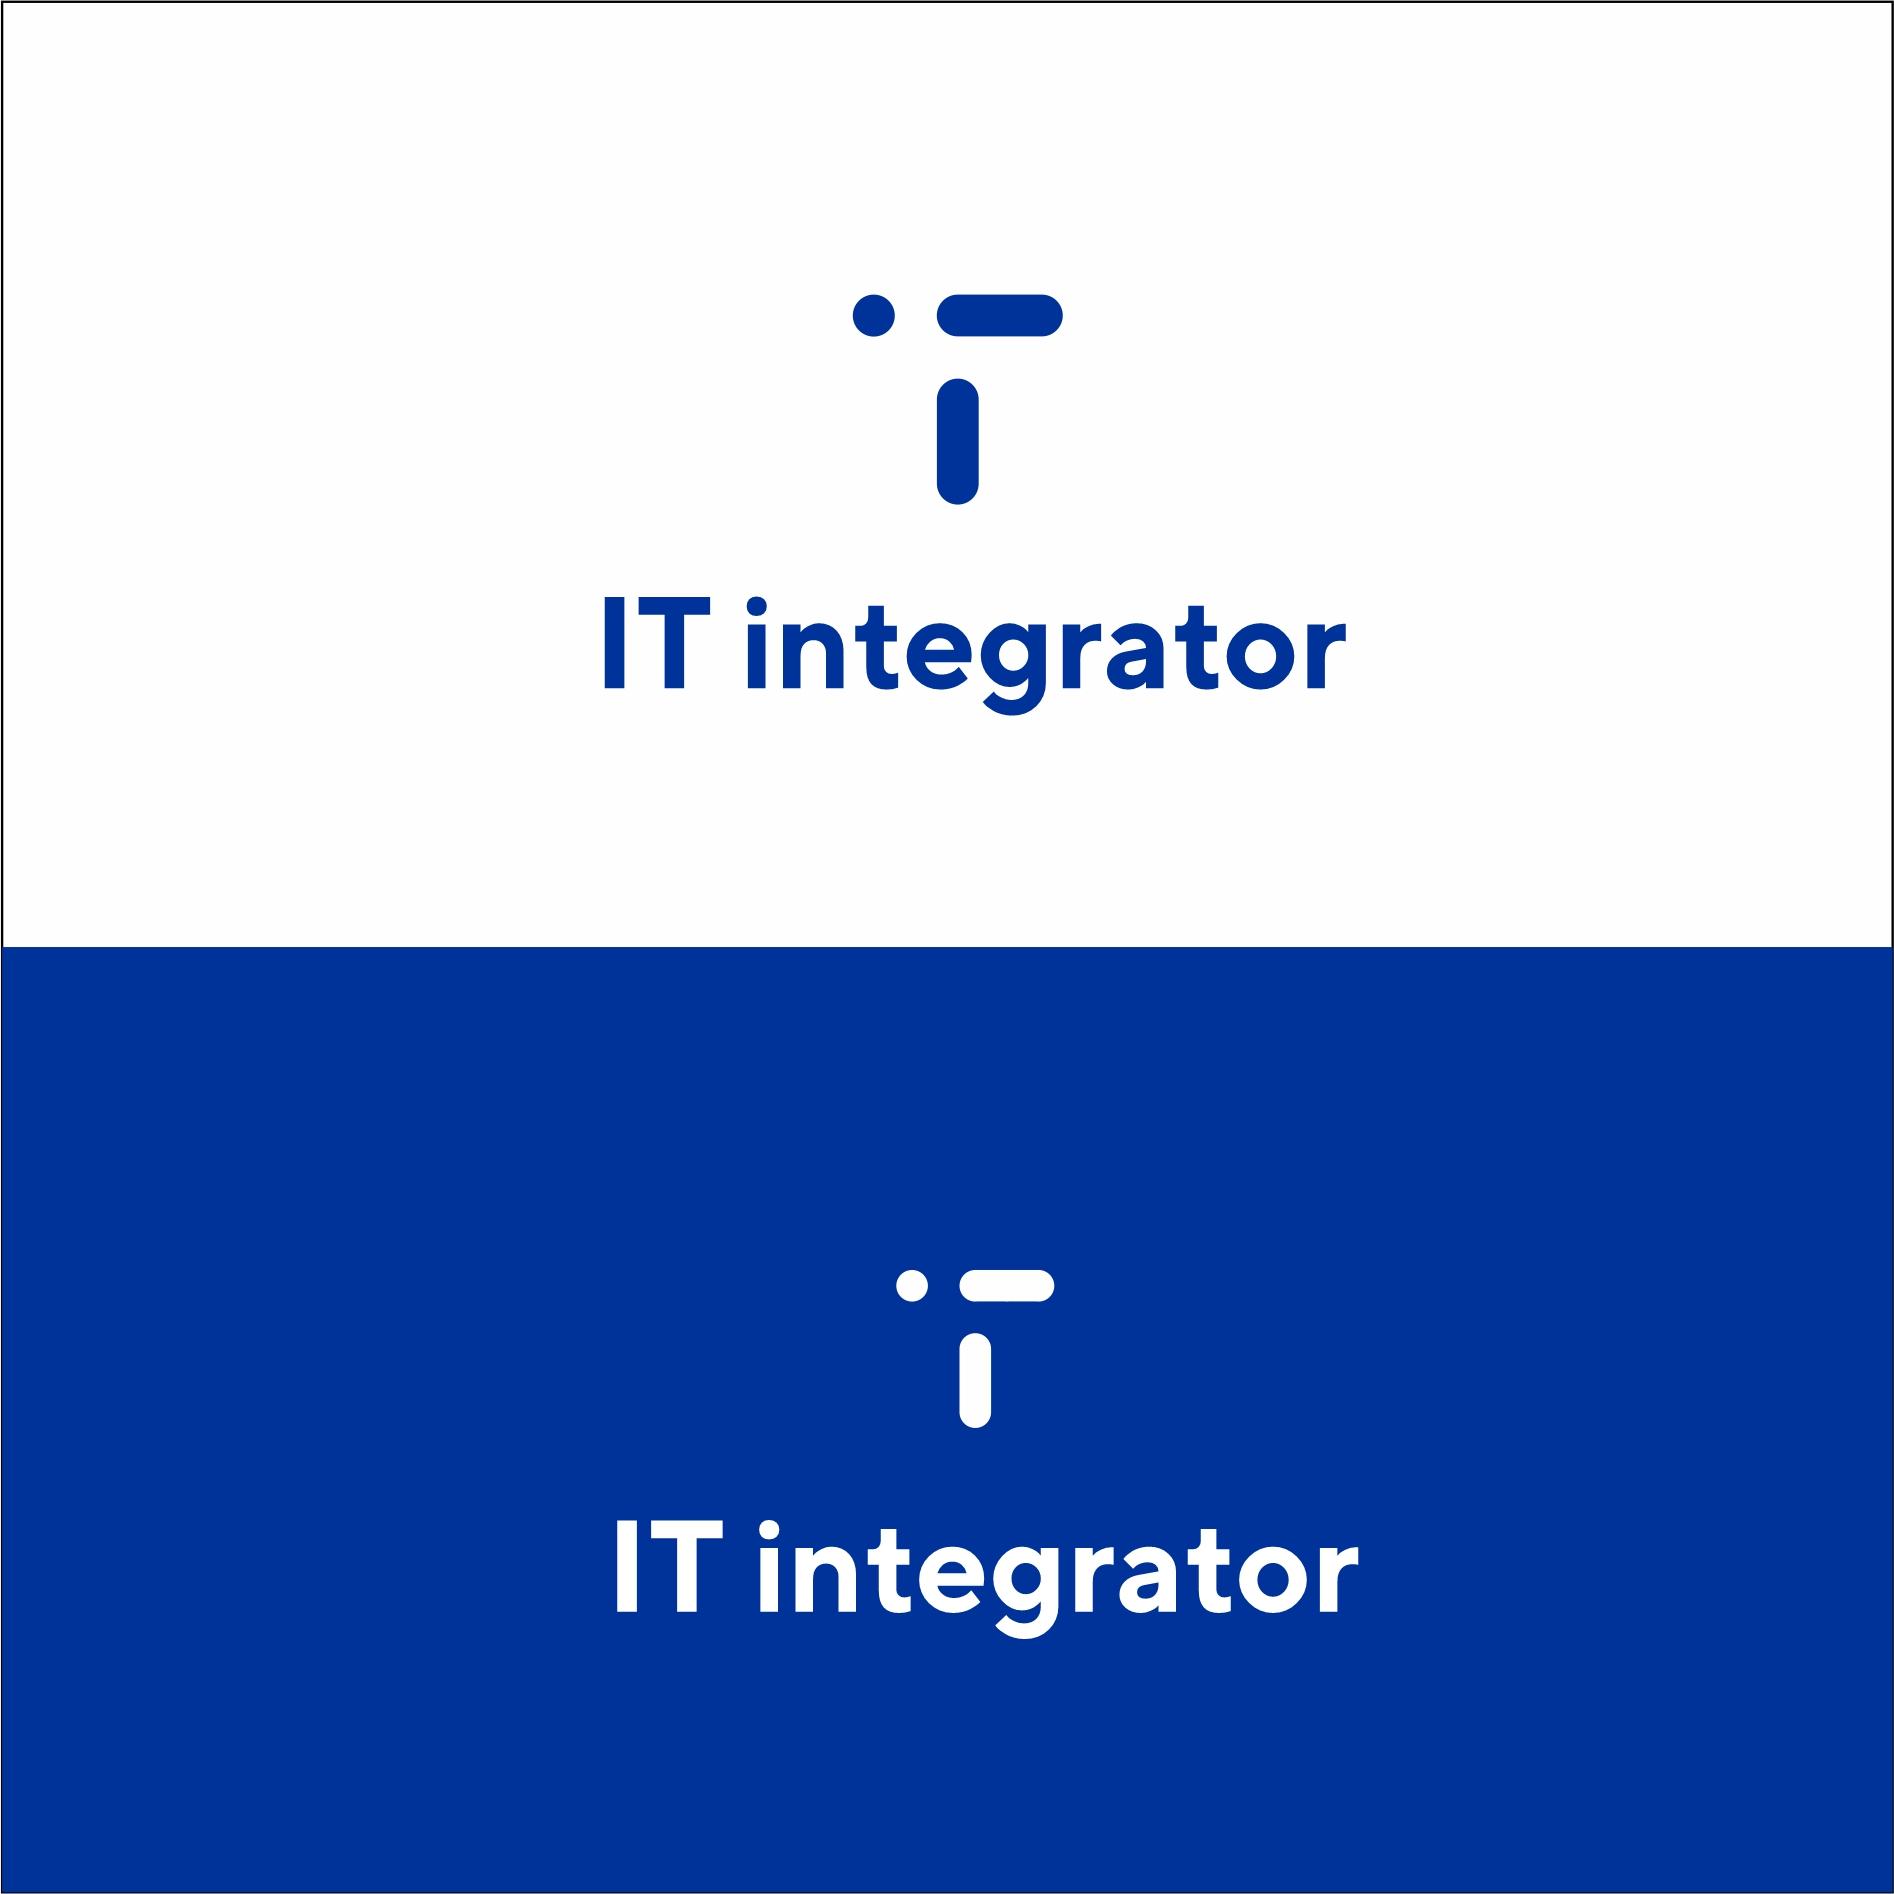 Логотип для IT интегратора фото f_0996149bf042401d.jpg